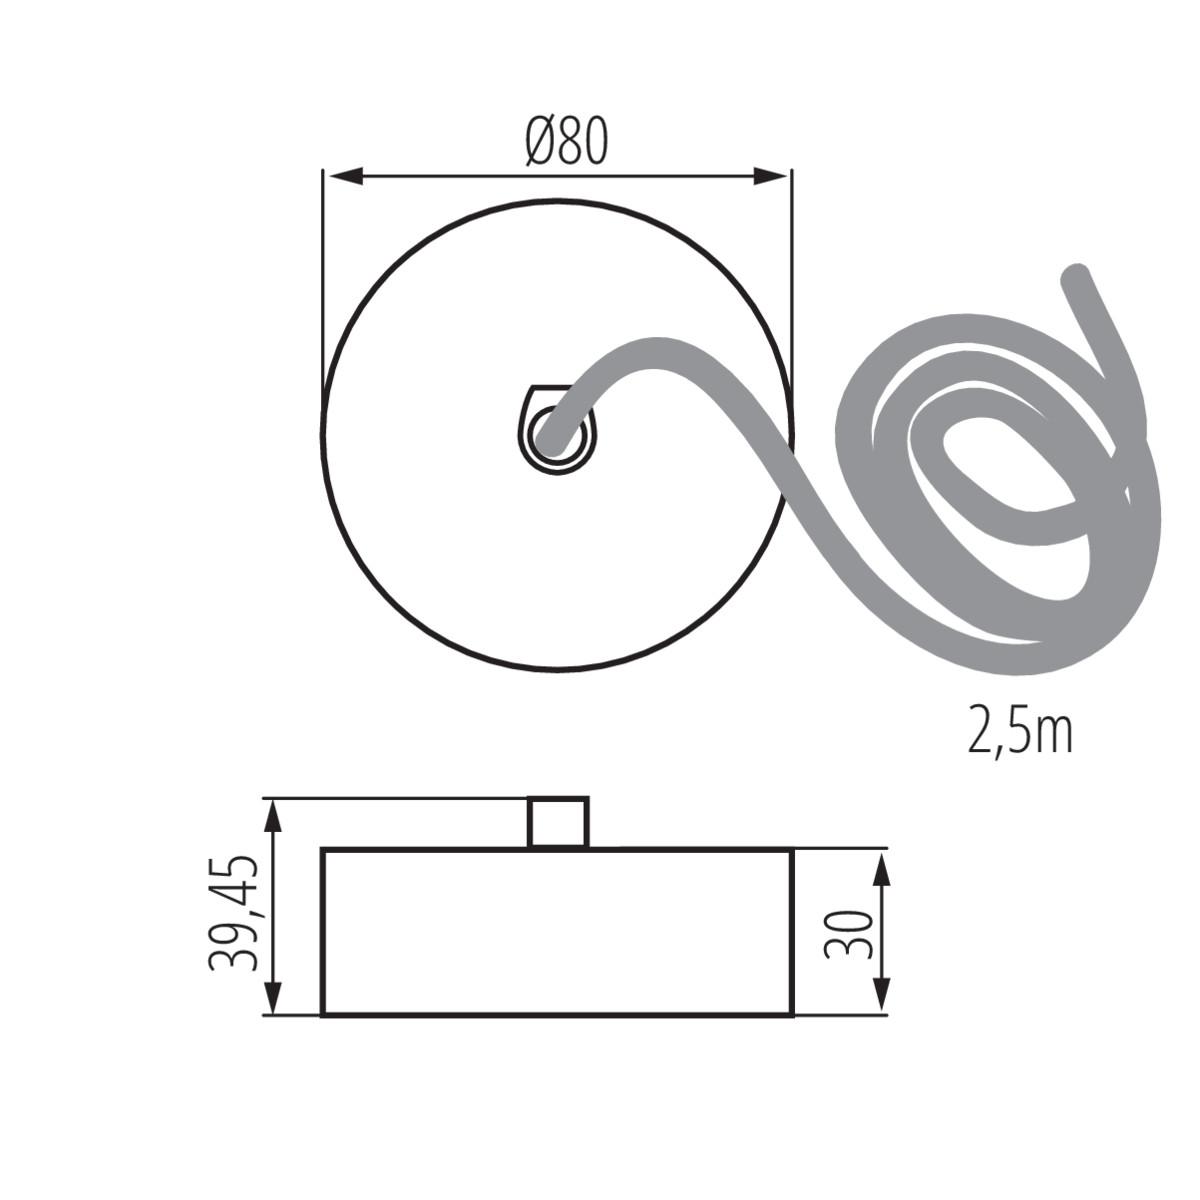 FLORATECK /Ã/˜ 152mm Gaine alu boite de 10 m/Ã/¨tres